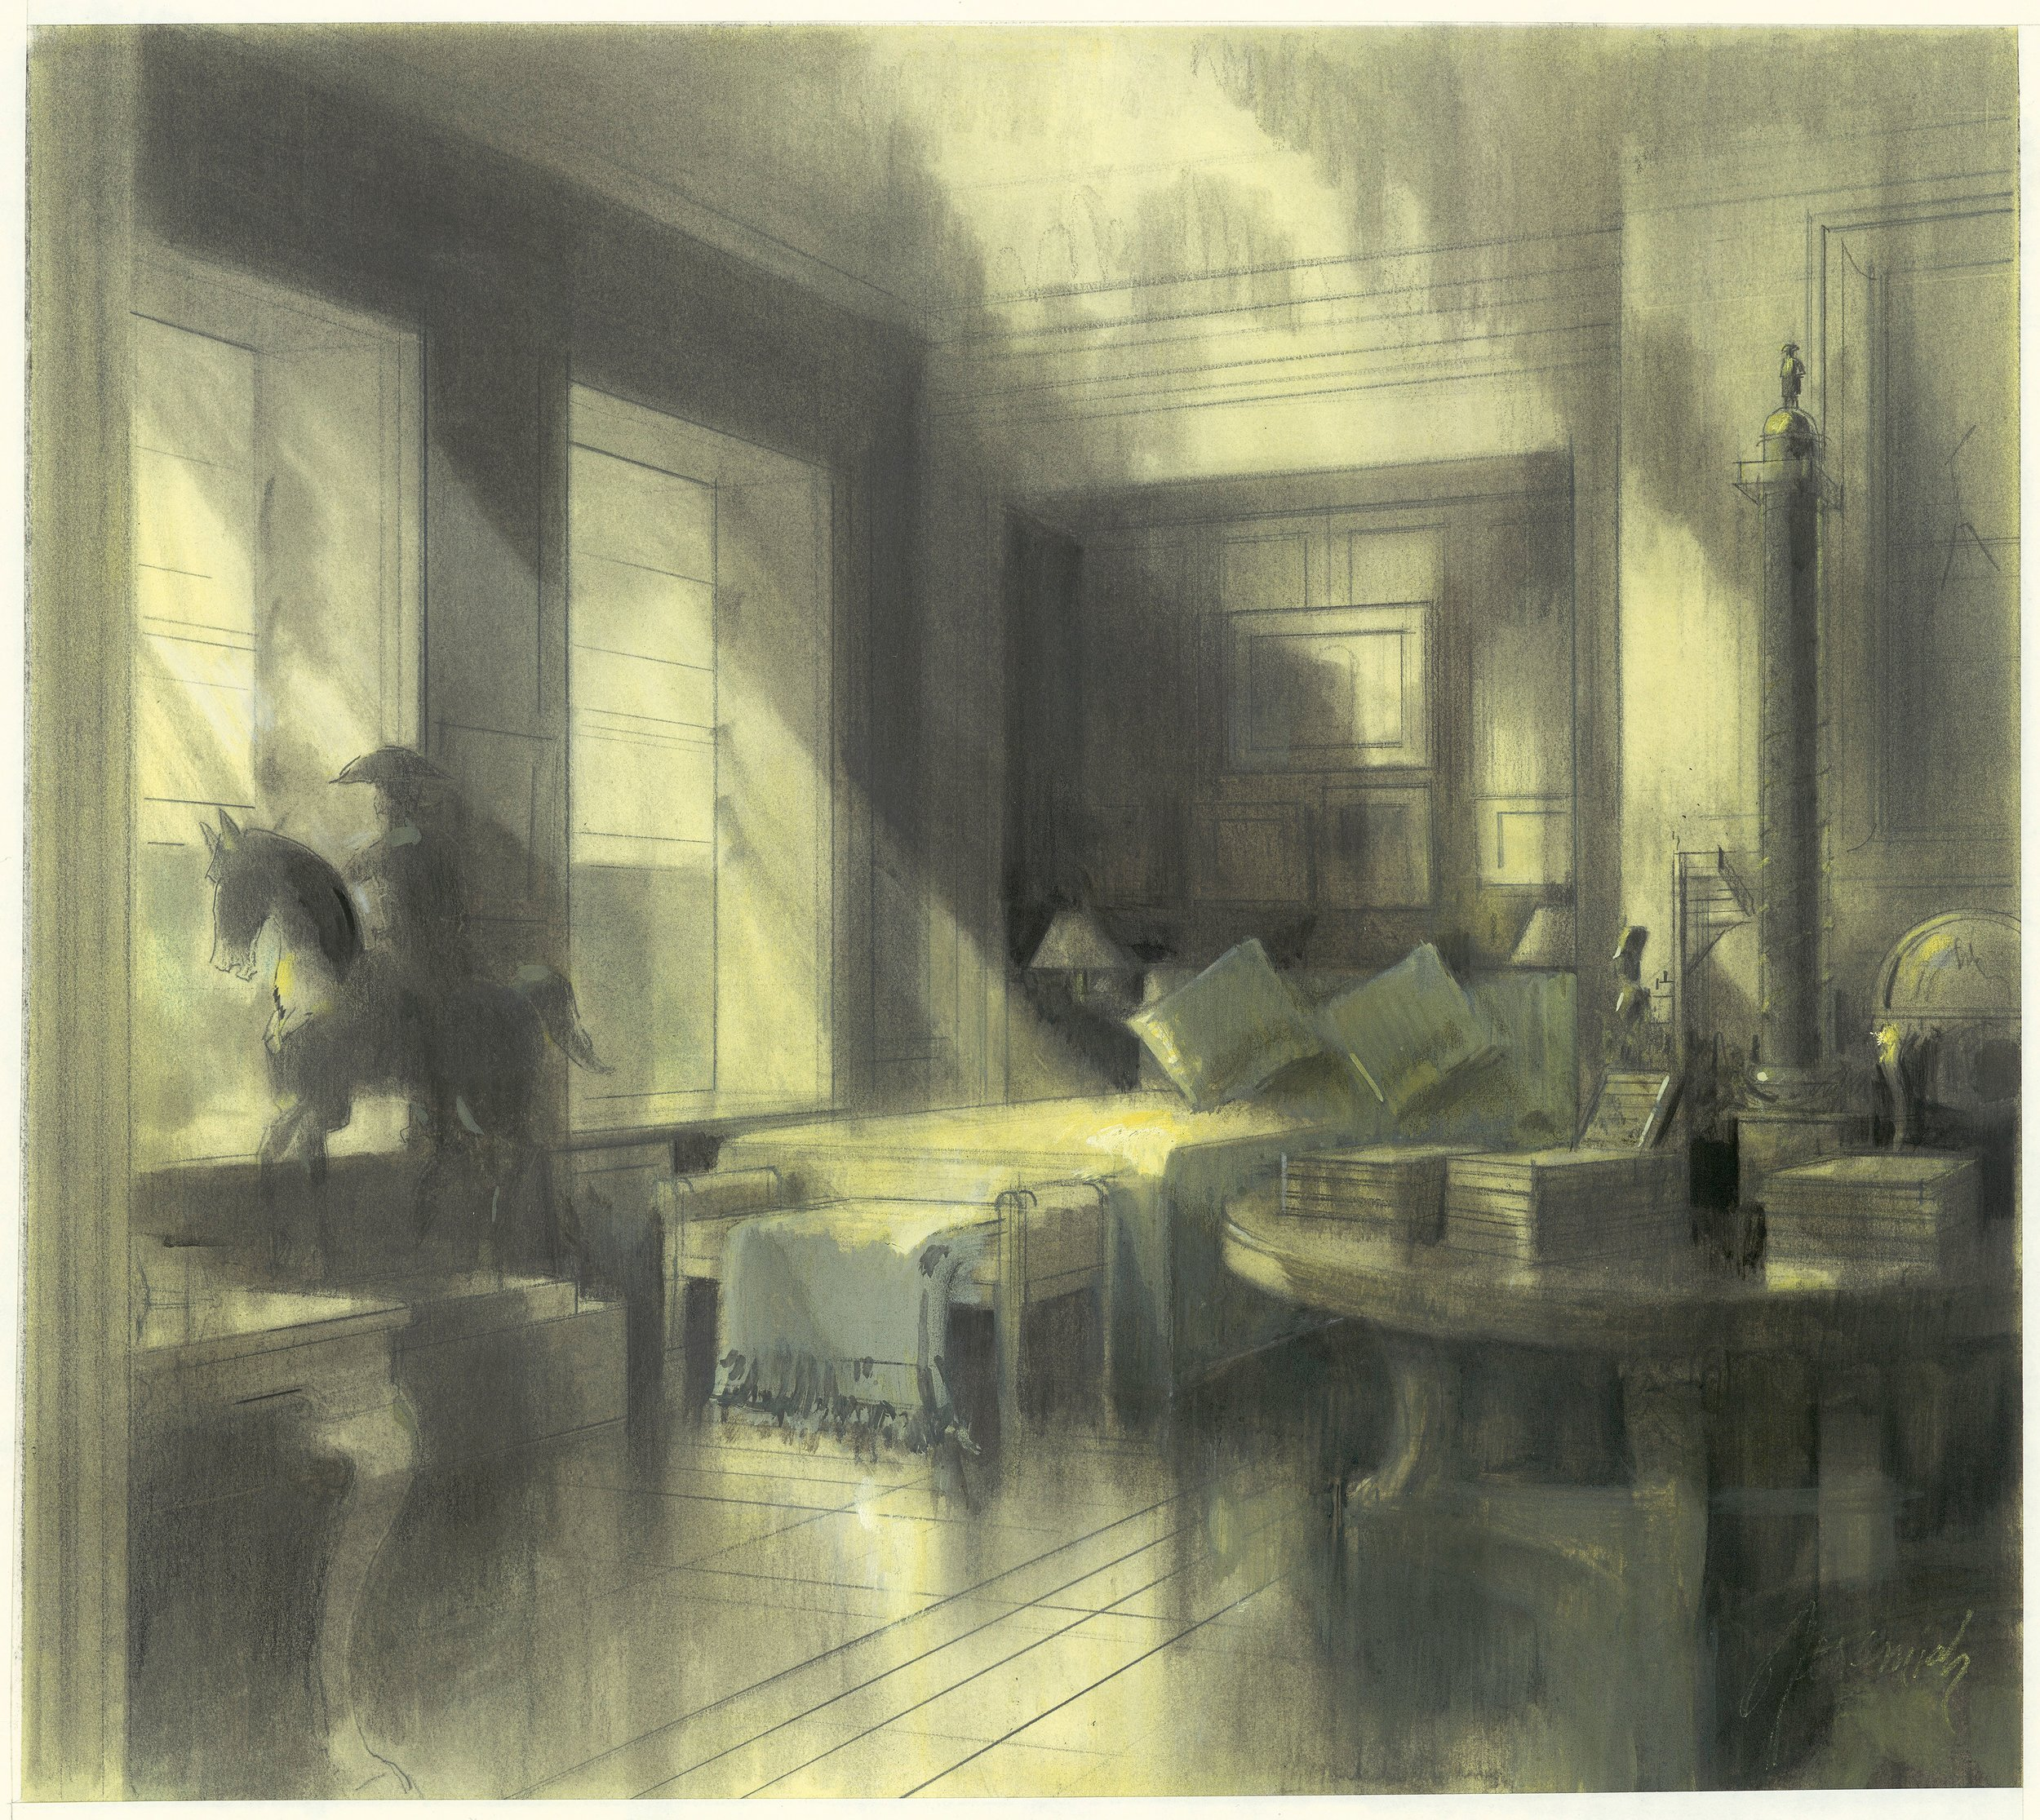 Bill Blass' Manhattan apartment